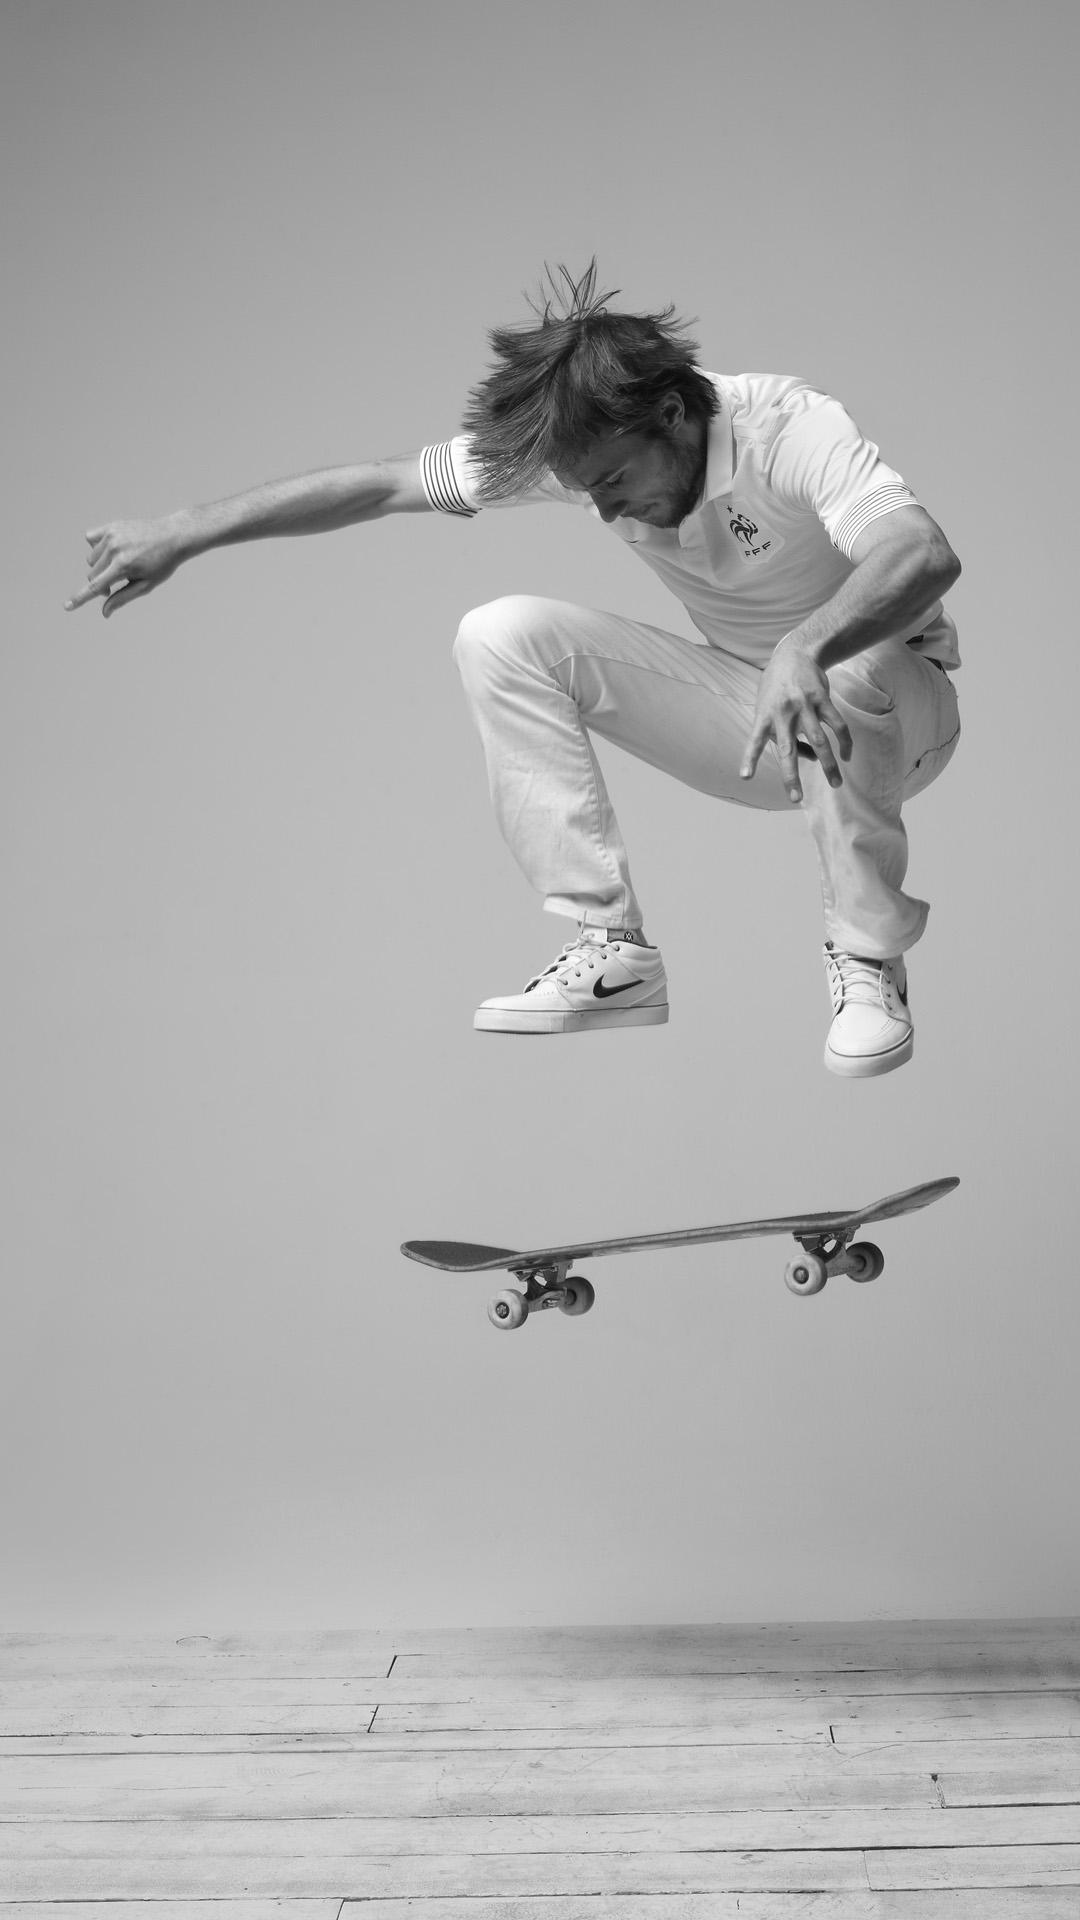 Nike Skateboard htc one wallpaper